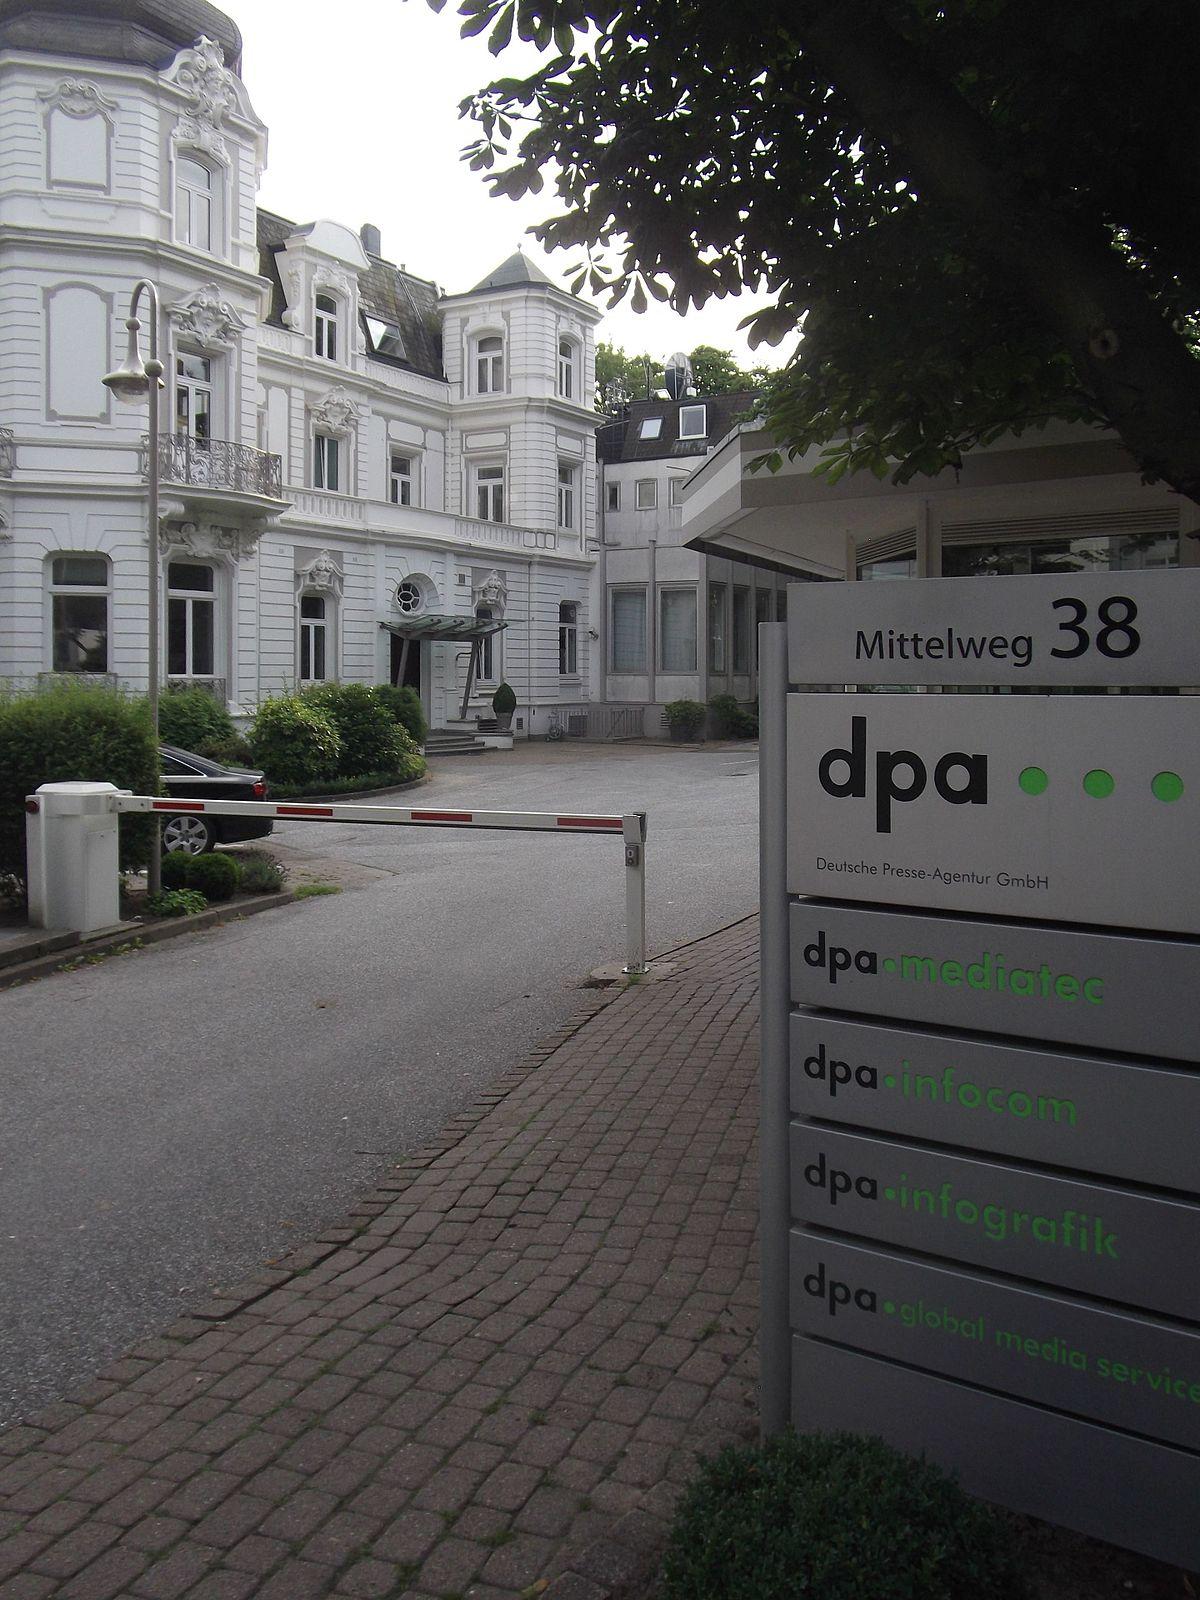 Deutsche Presse-Agentur - Wikipedia